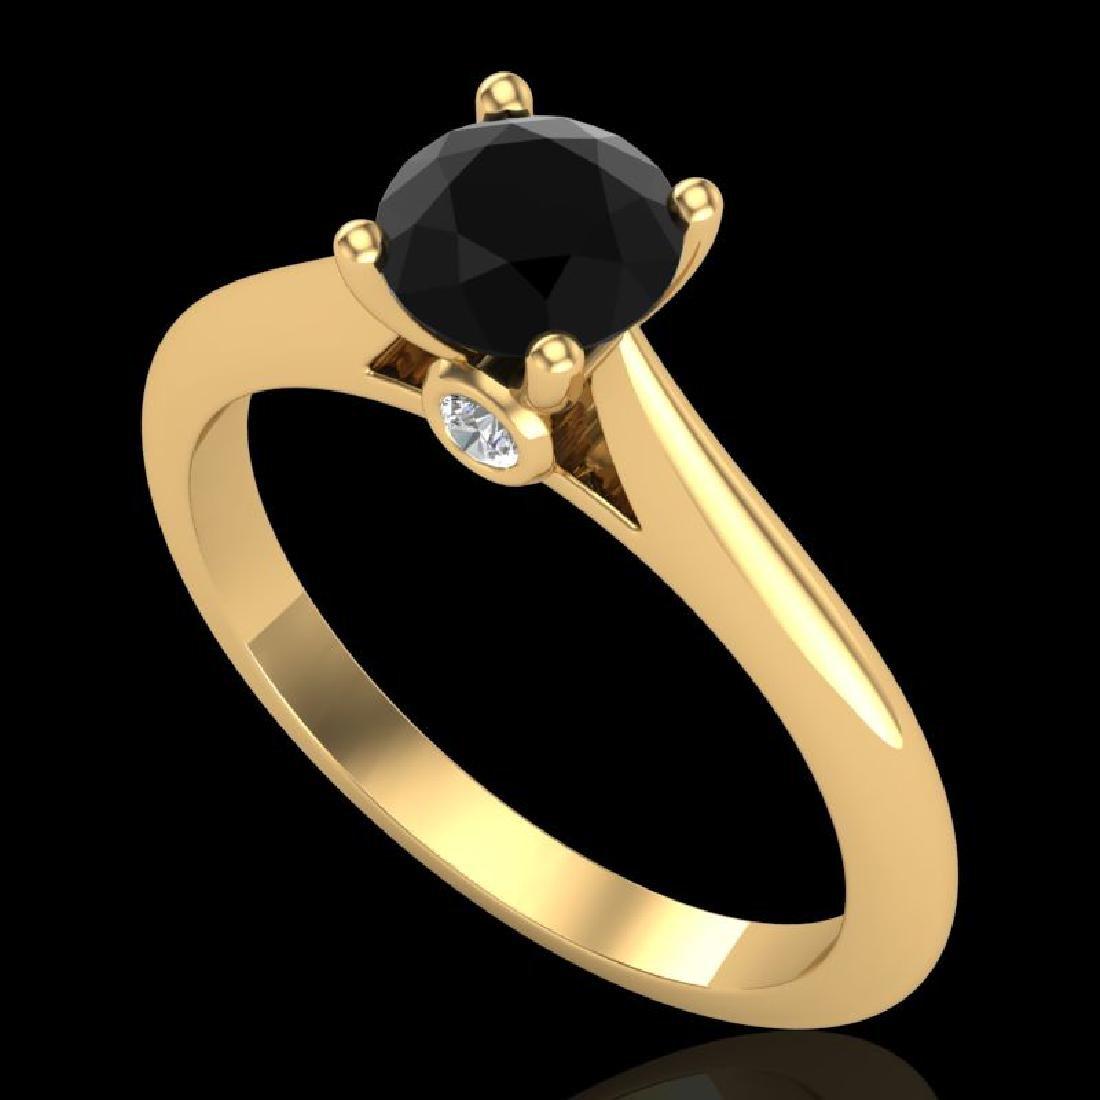 0.83 CTW Fancy Black Diamond Solitaire Engagement Art